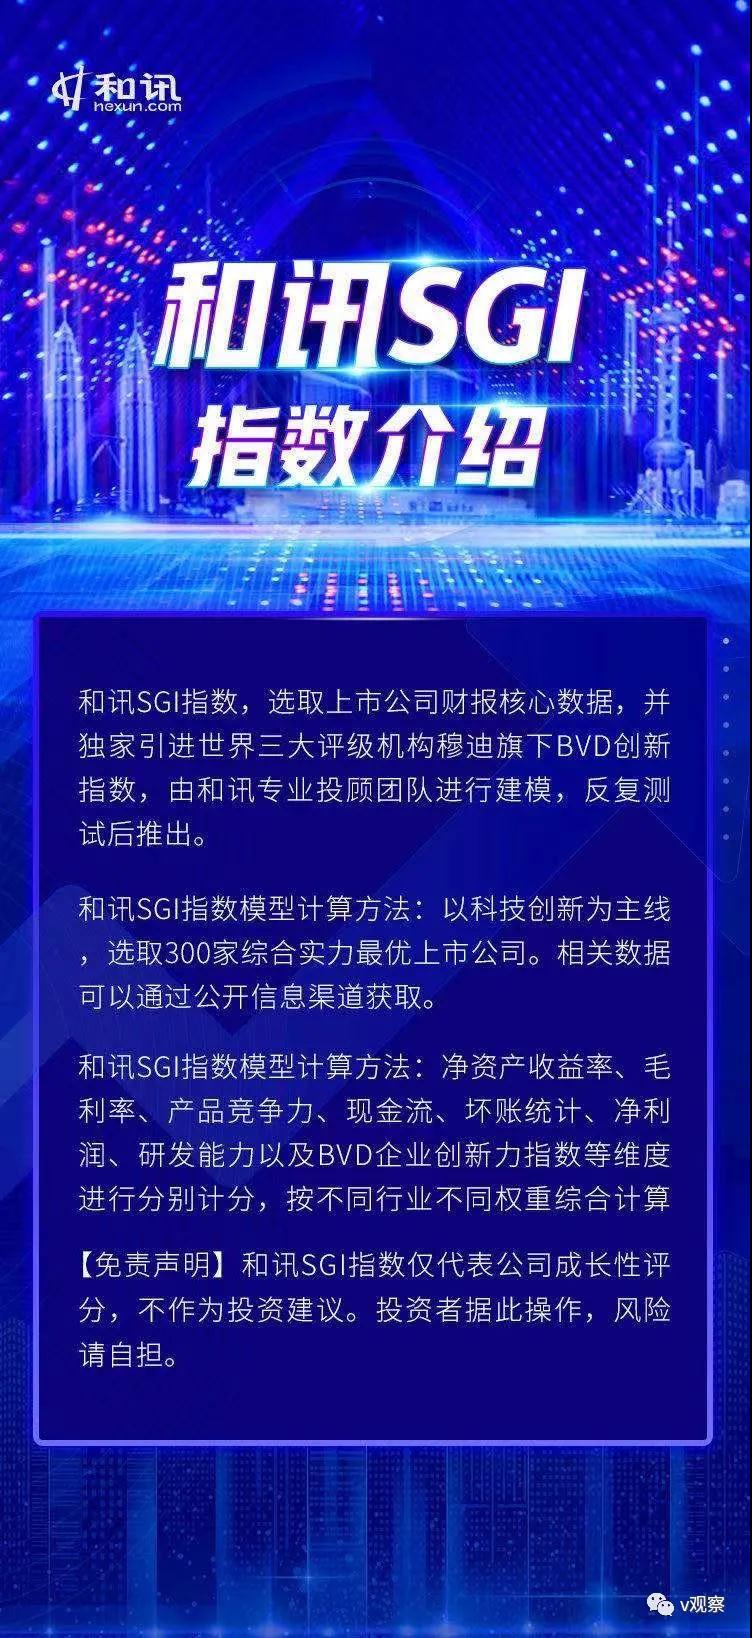 和讯SGI公司 江苏北人SGI指数最新评分56分,利润增长率一度跌到-254%